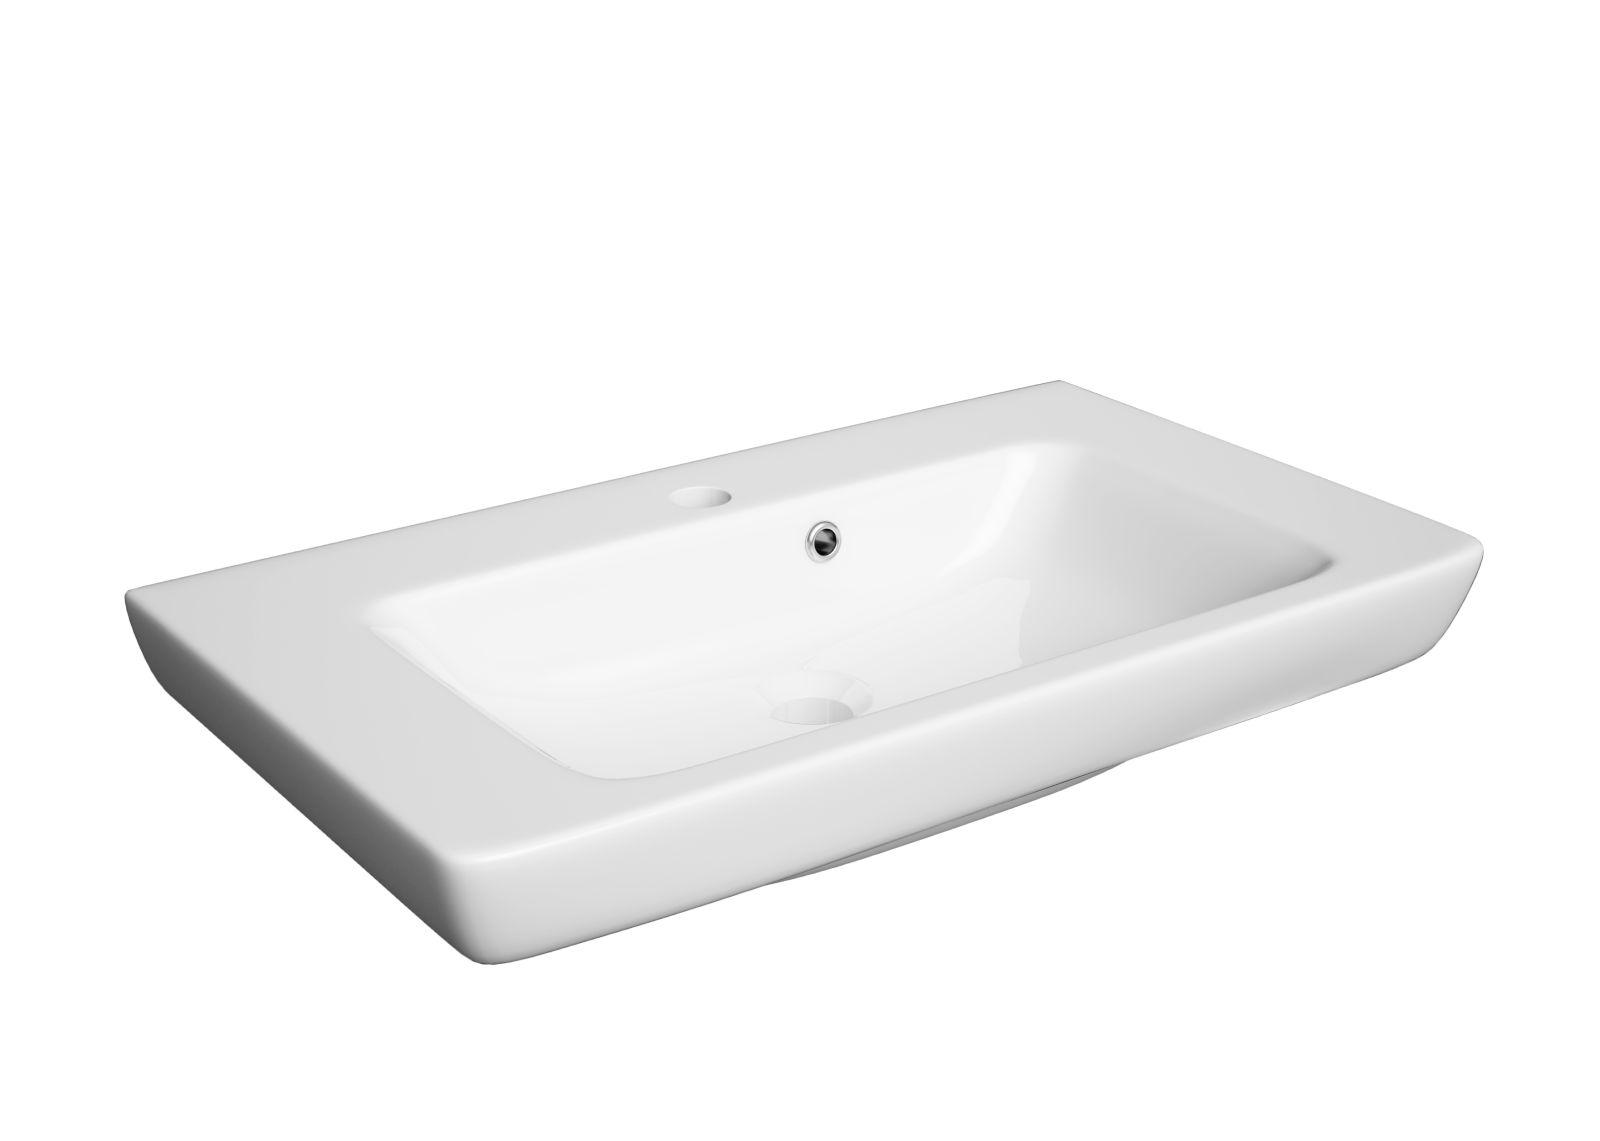 Zdjęcie Szafka DEFRA s Cala D65 biały połysk + umywalka Porto 65 001-D-06514+3032